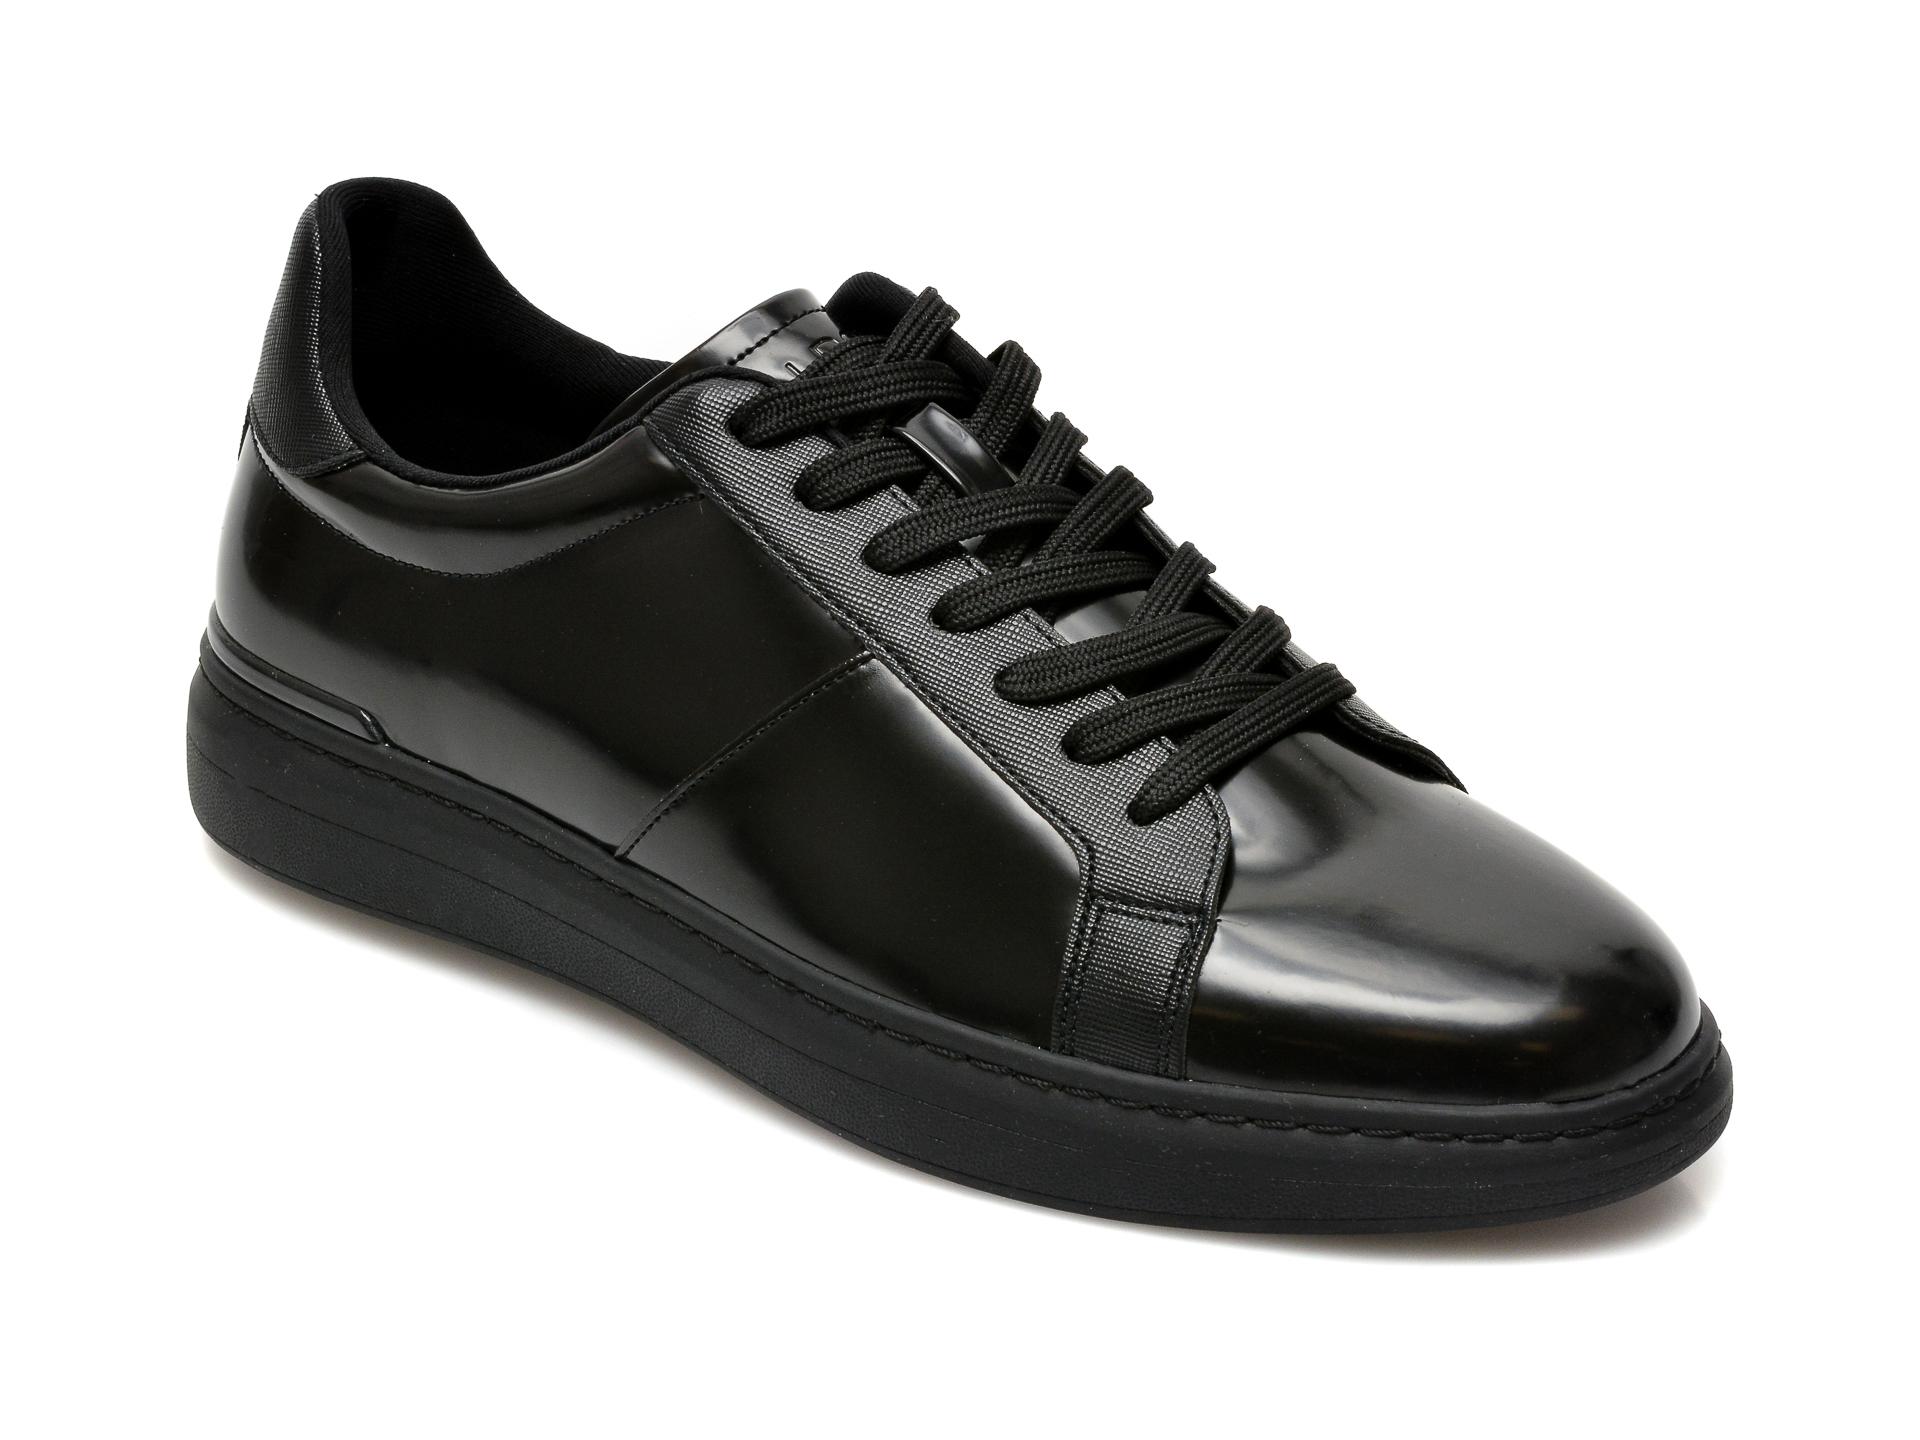 Pantofi ALDO negri, Tosien001, din piele ecologica imagine